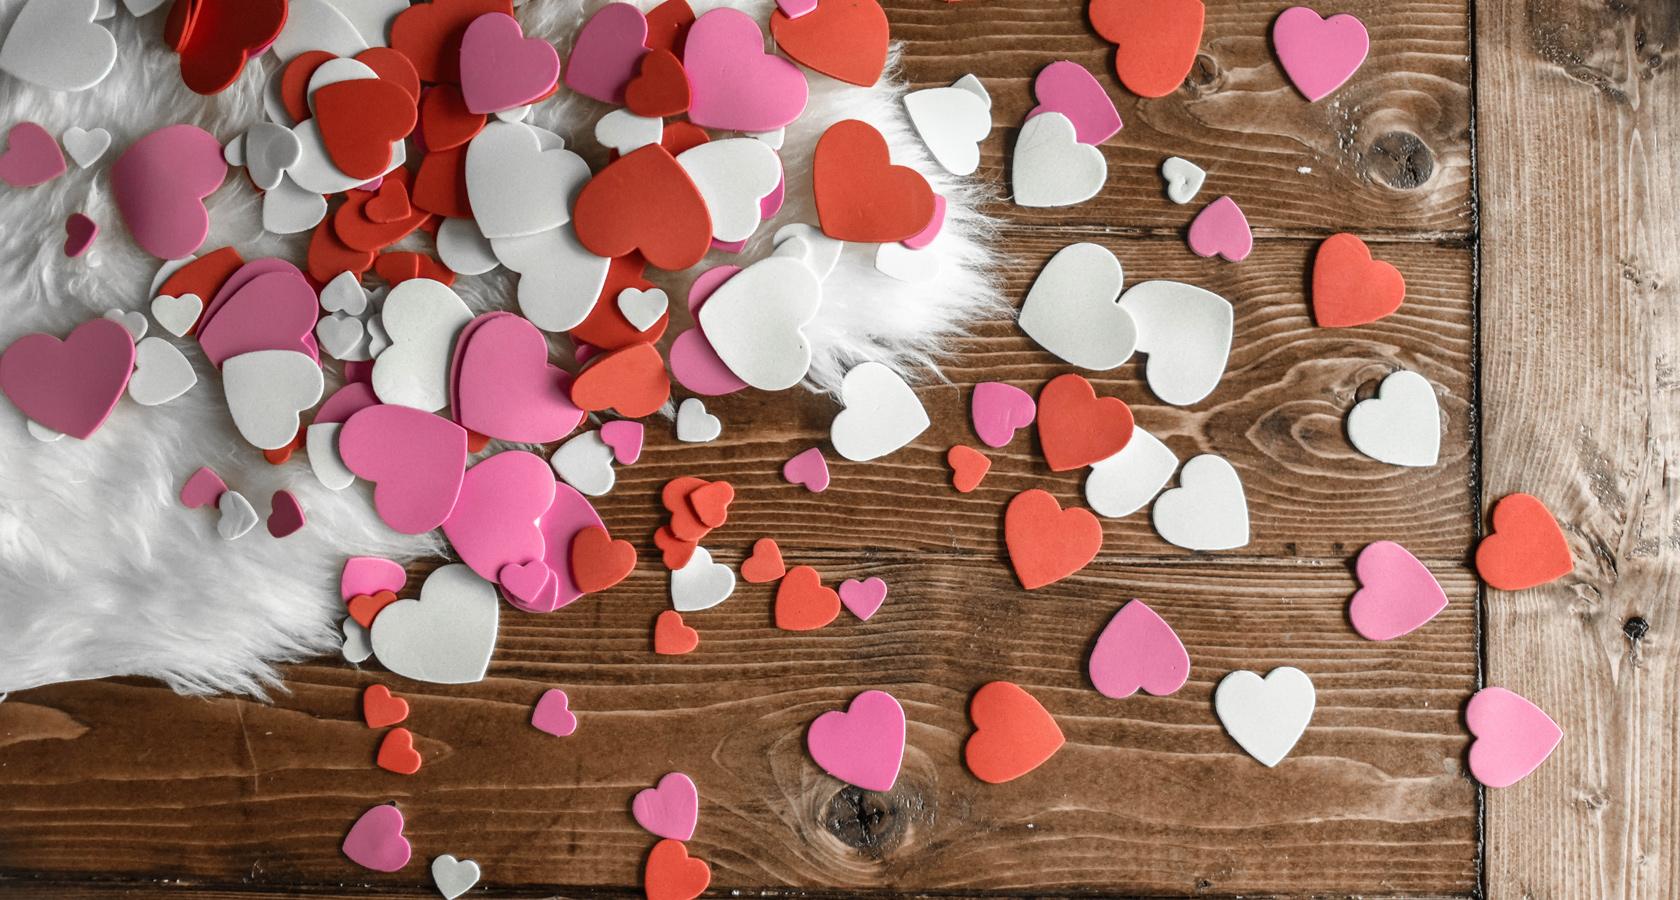 Valentinstag - Rosen schenken, dekorieren mit LIEBLINGSROSEN